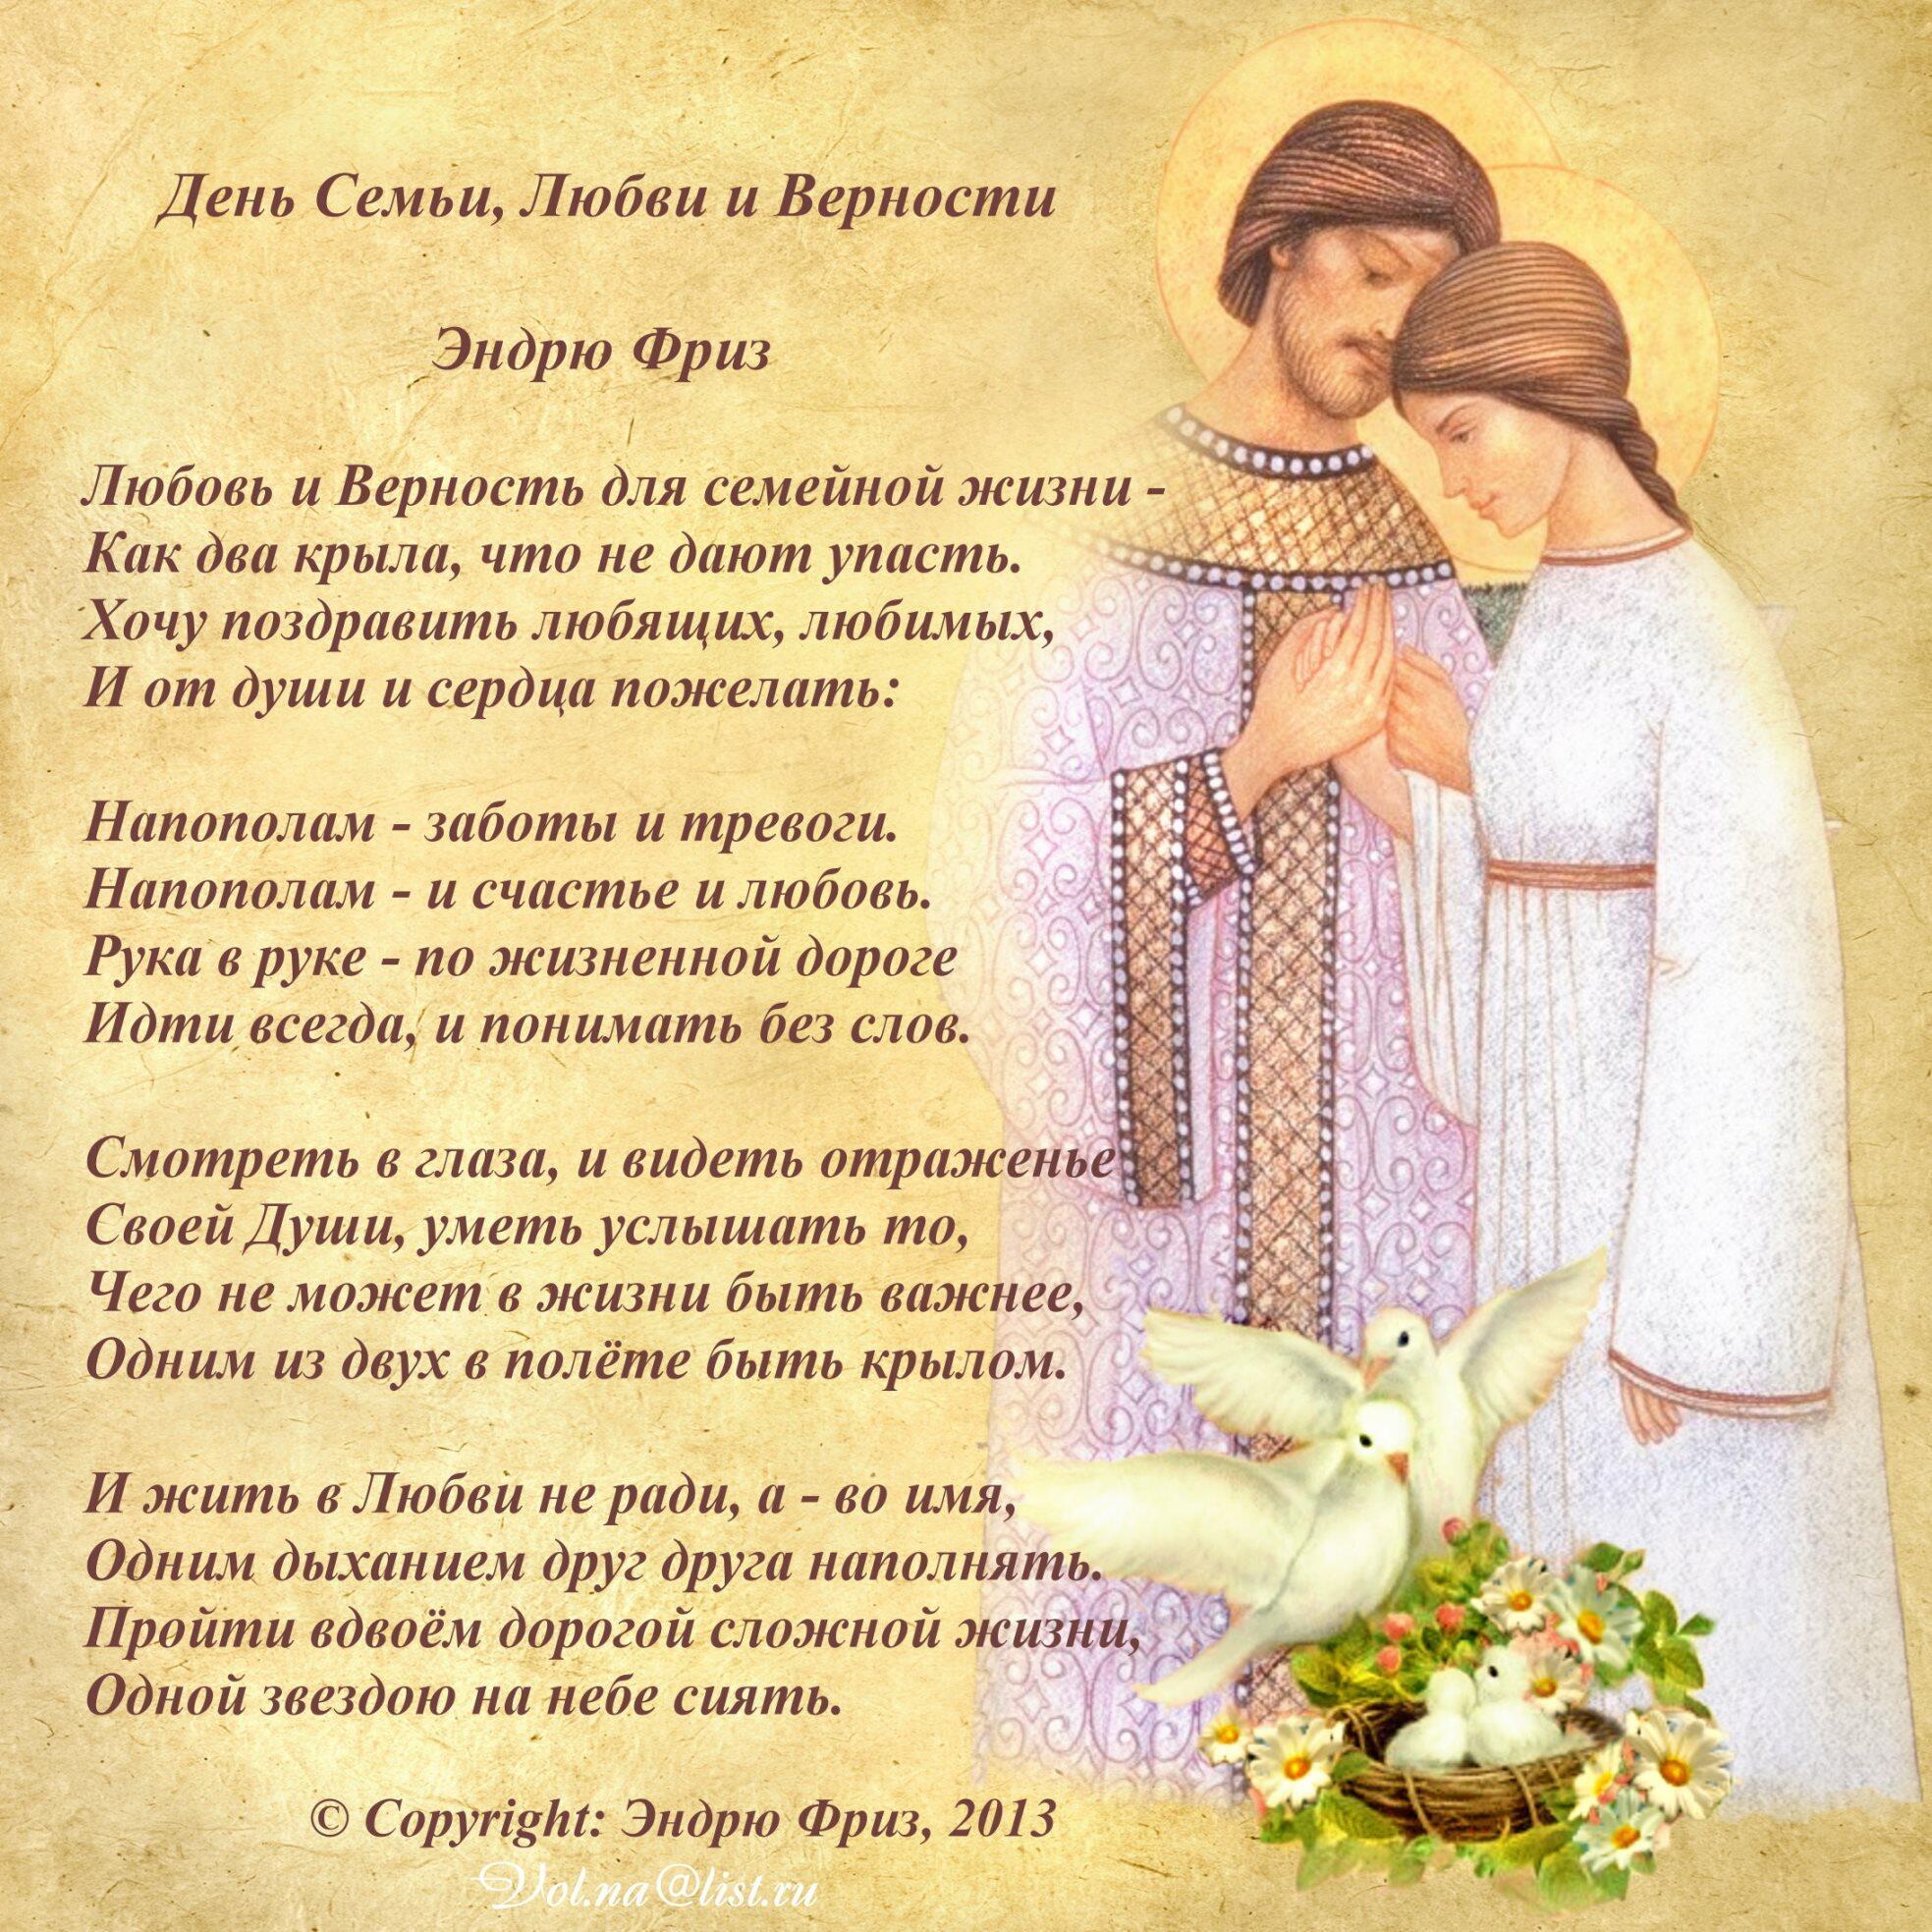 Поздравление в стихах для семьи любви и верности